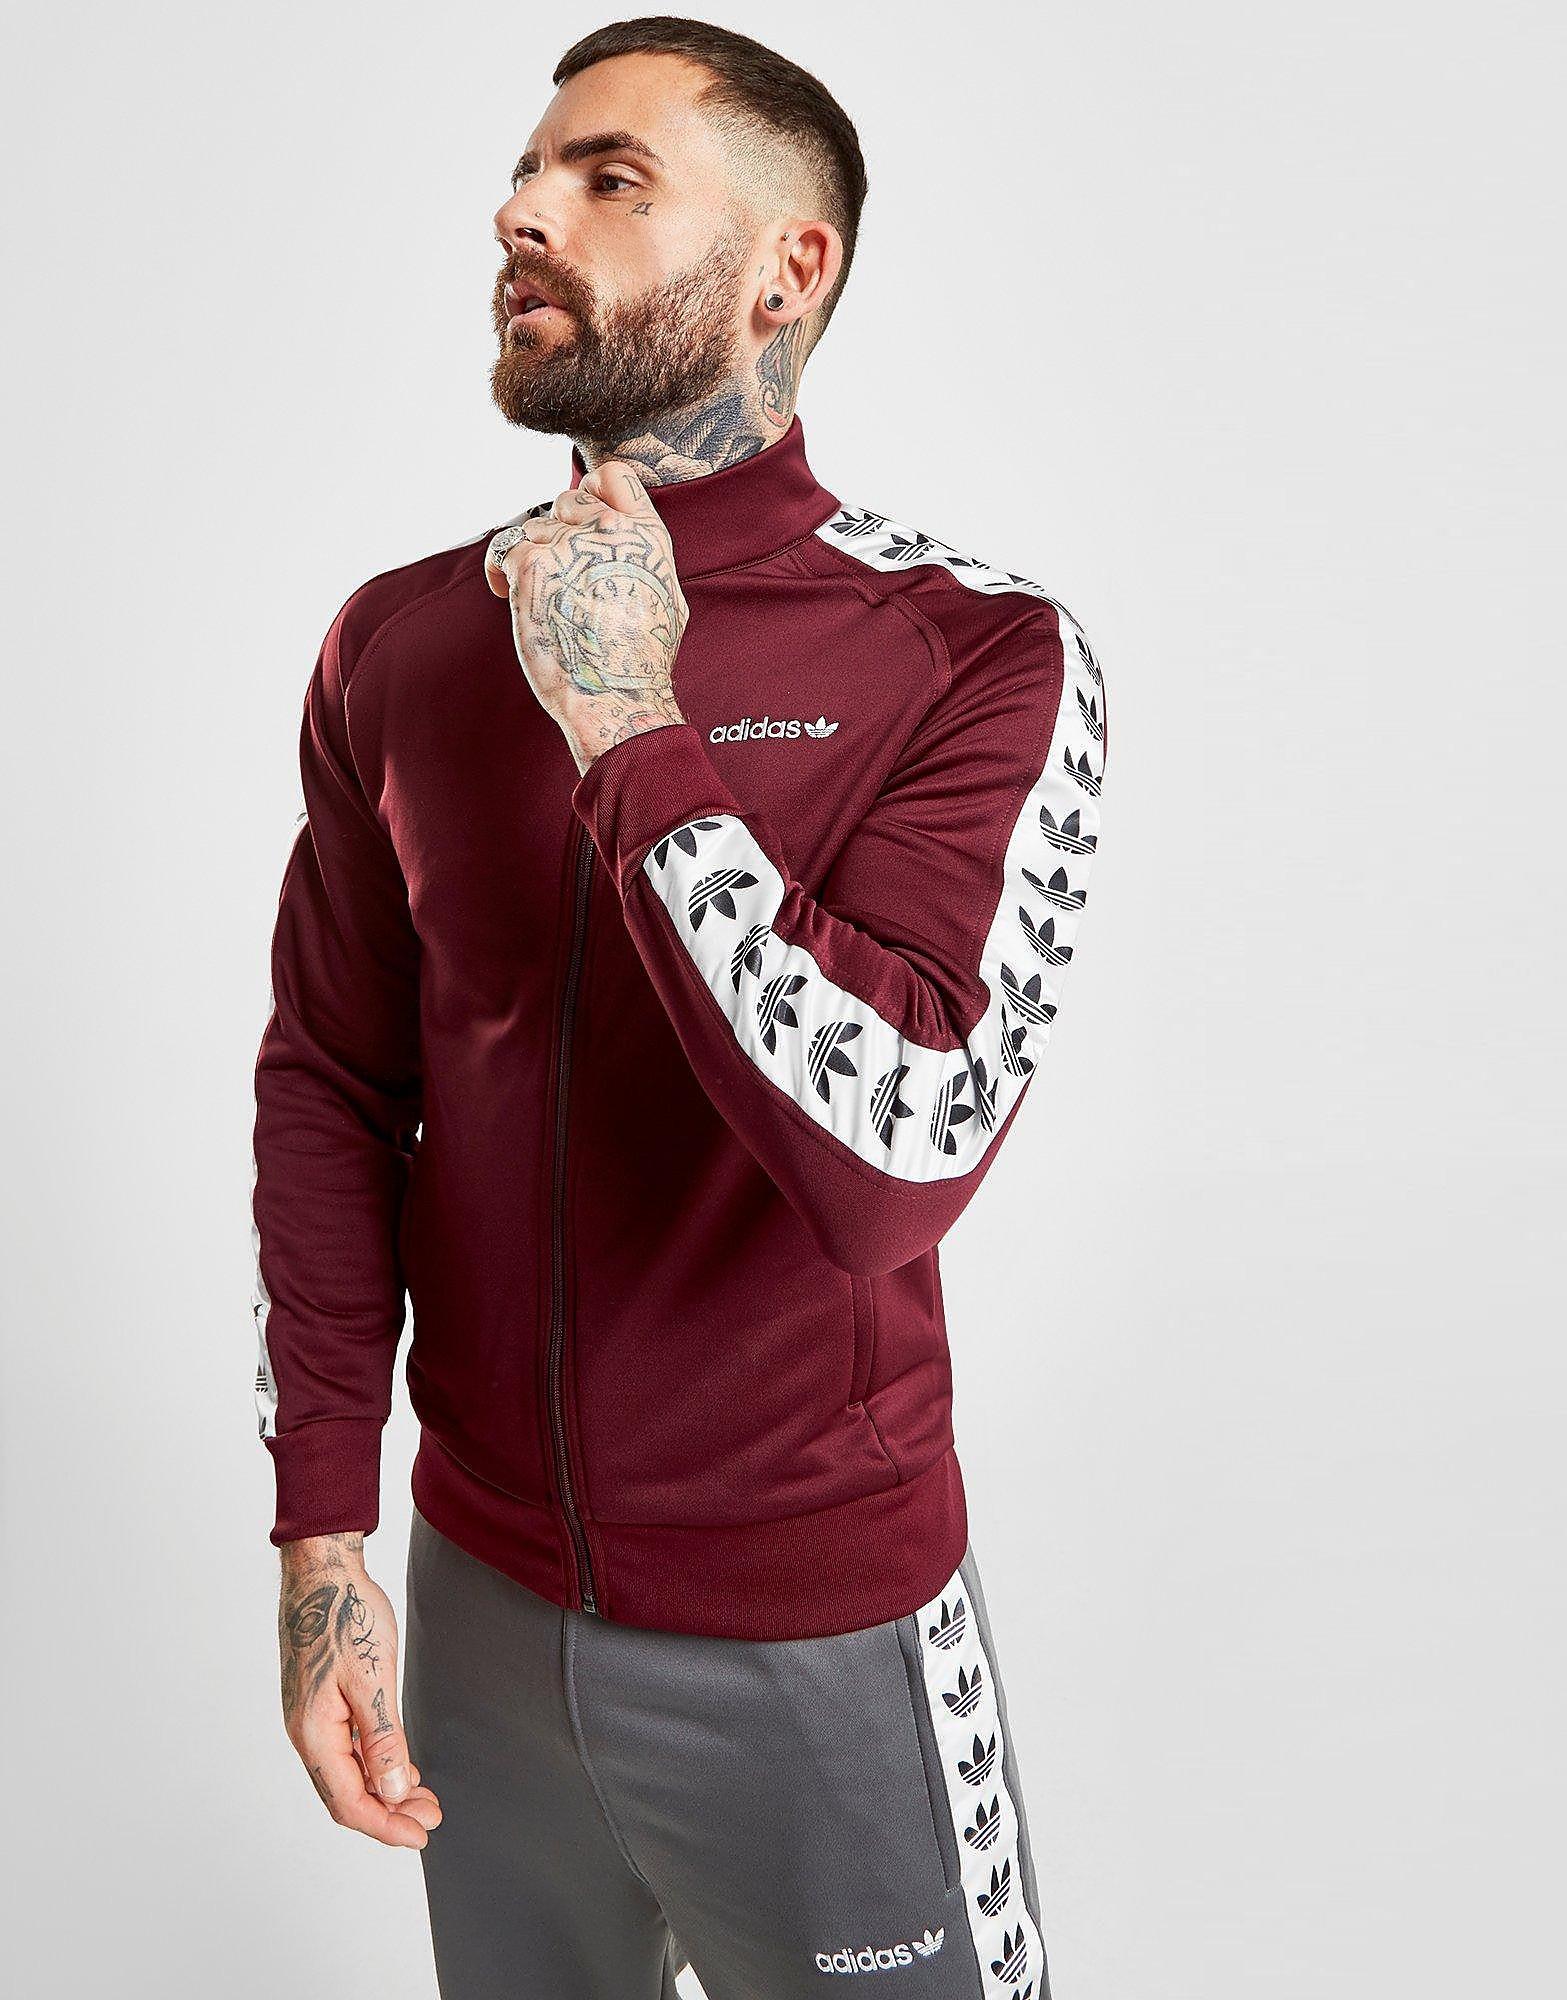 Adidas Originals Track Tops Men Jd Sports